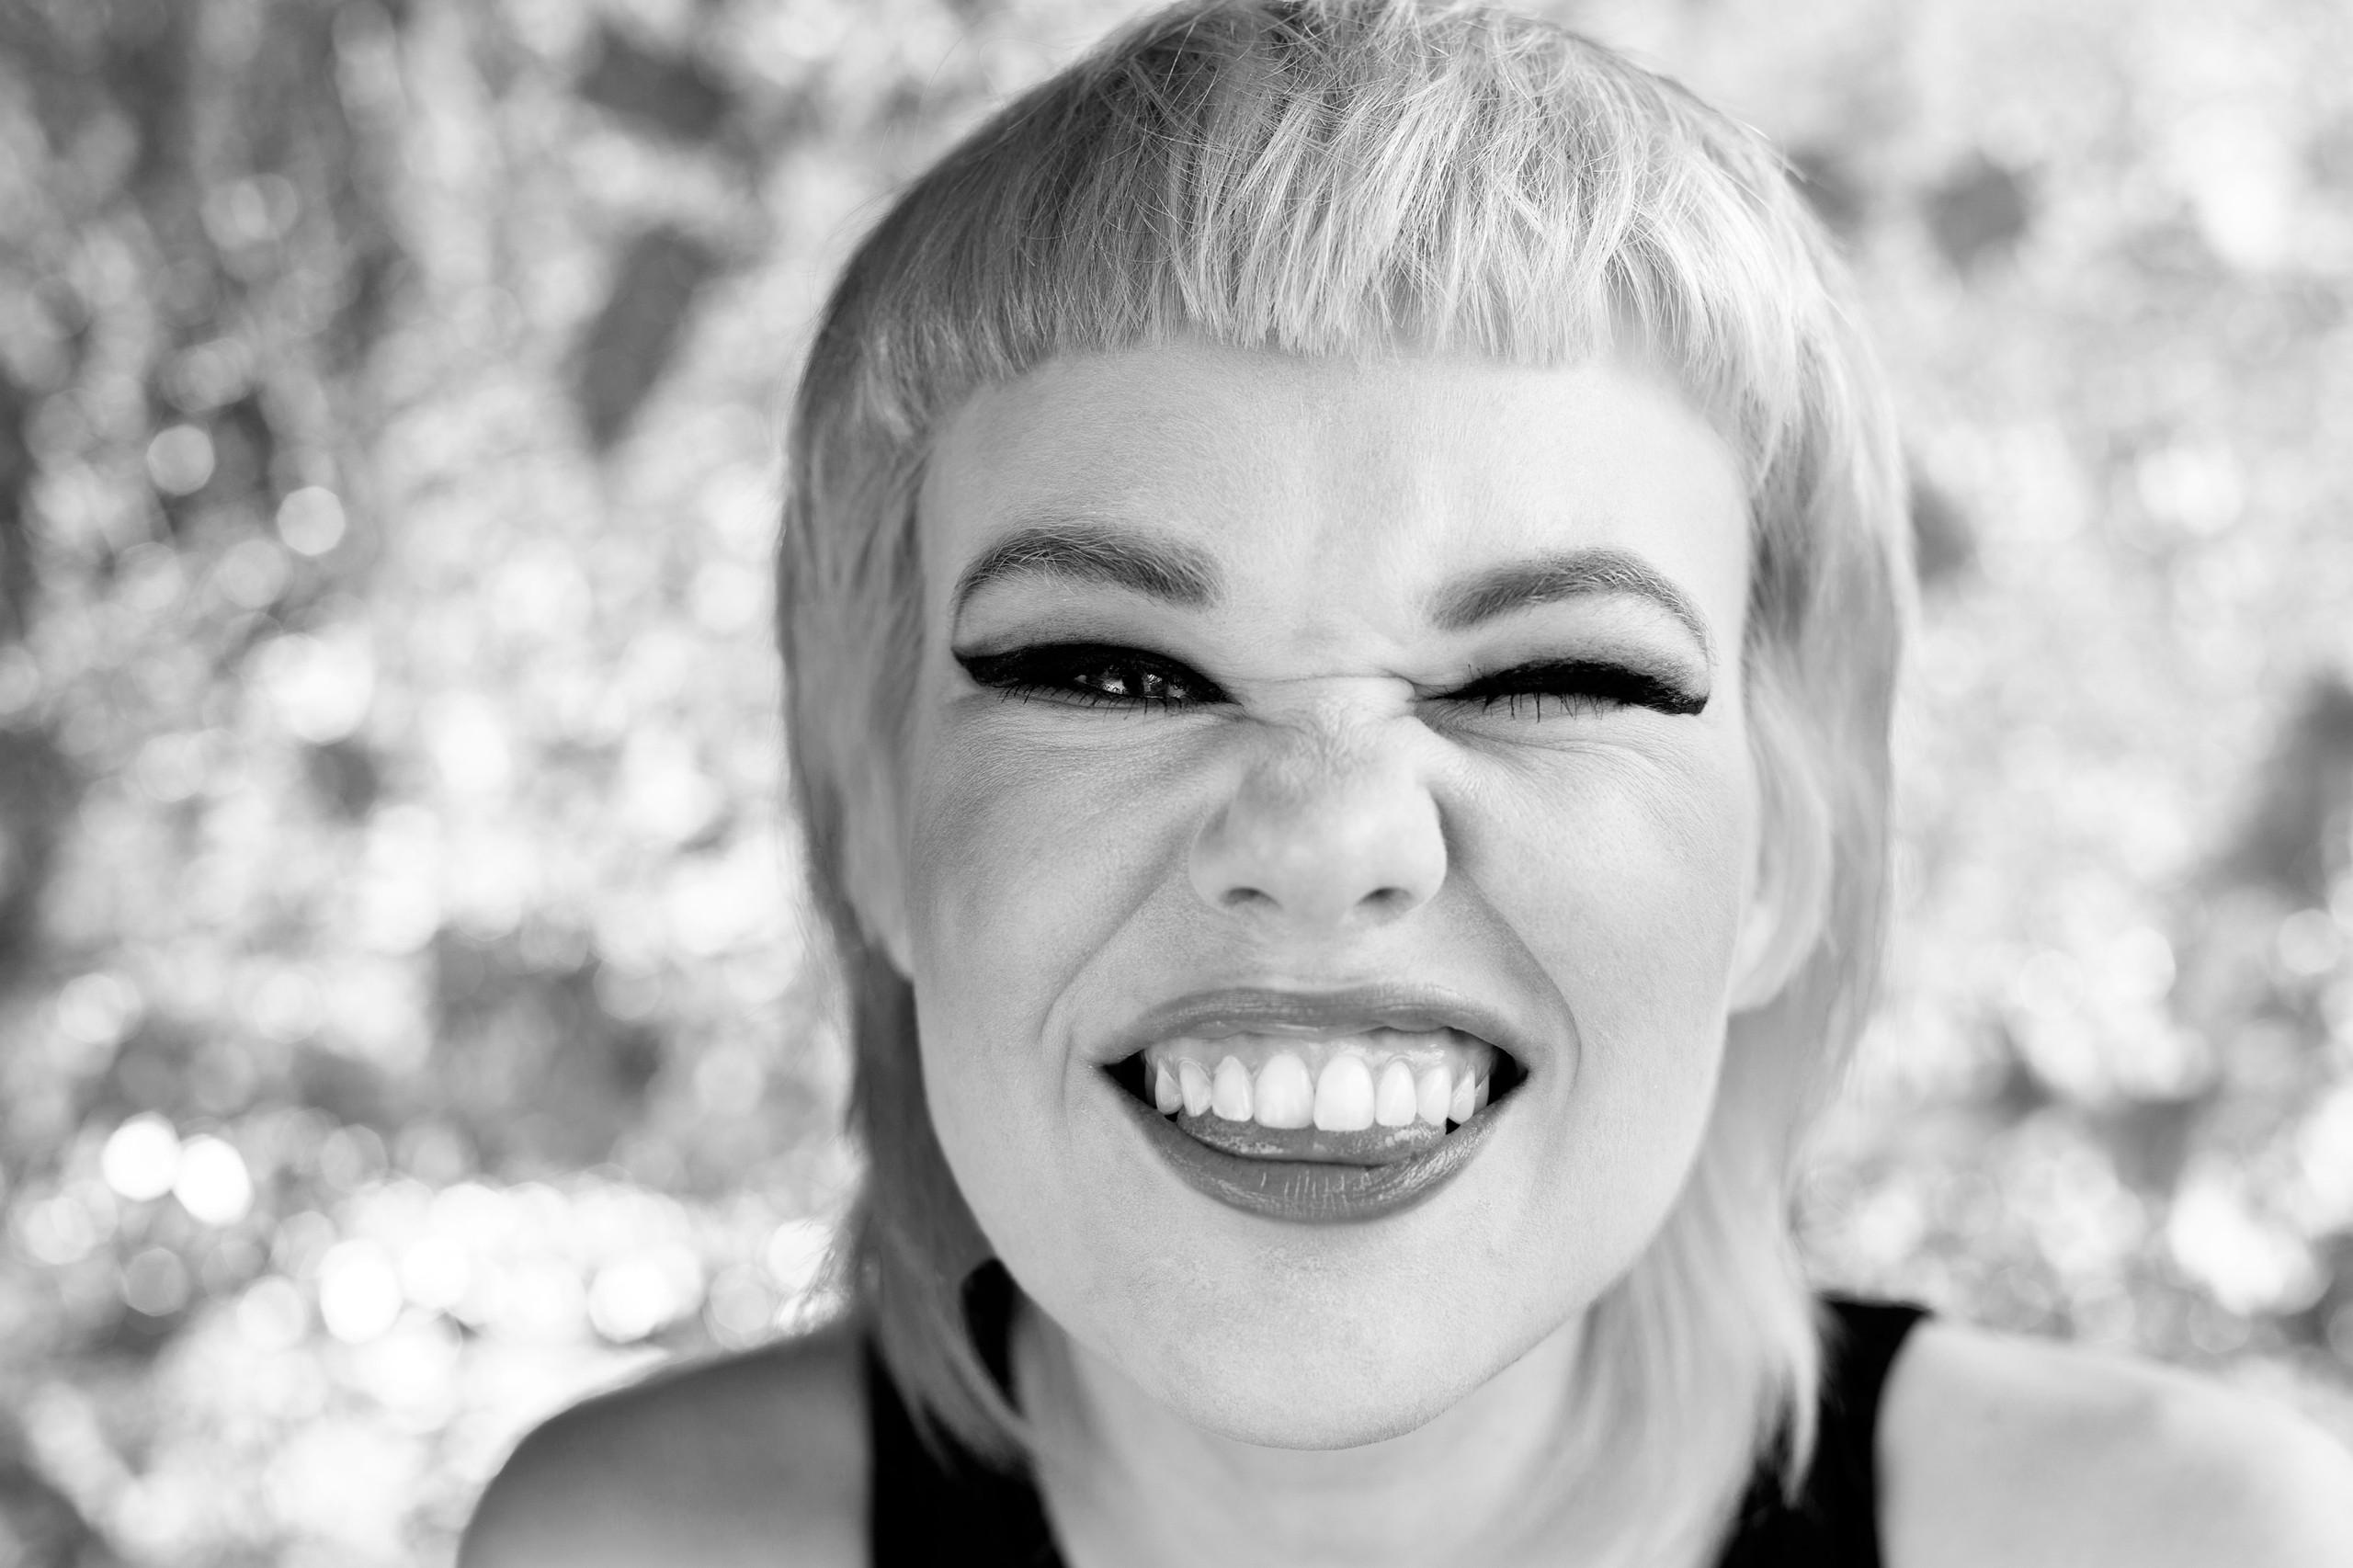 Kat Ciemiega Photography, black and white, portrait, smile, positive